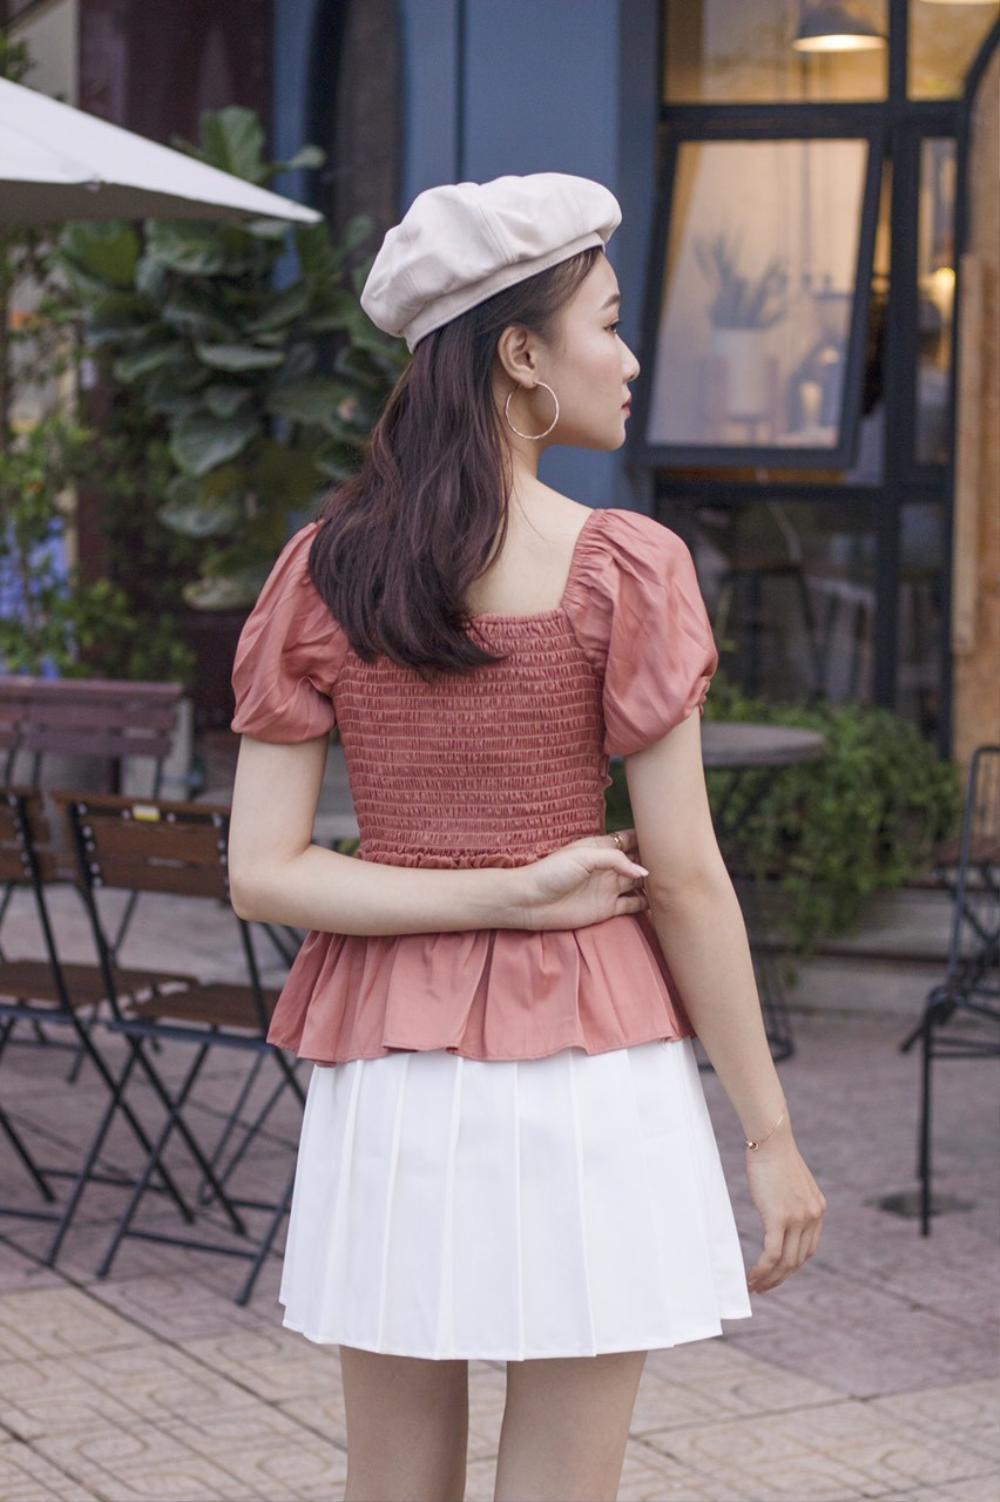 Kim Closet - Xu thế thời trang nữ 2021 Ảnh 1